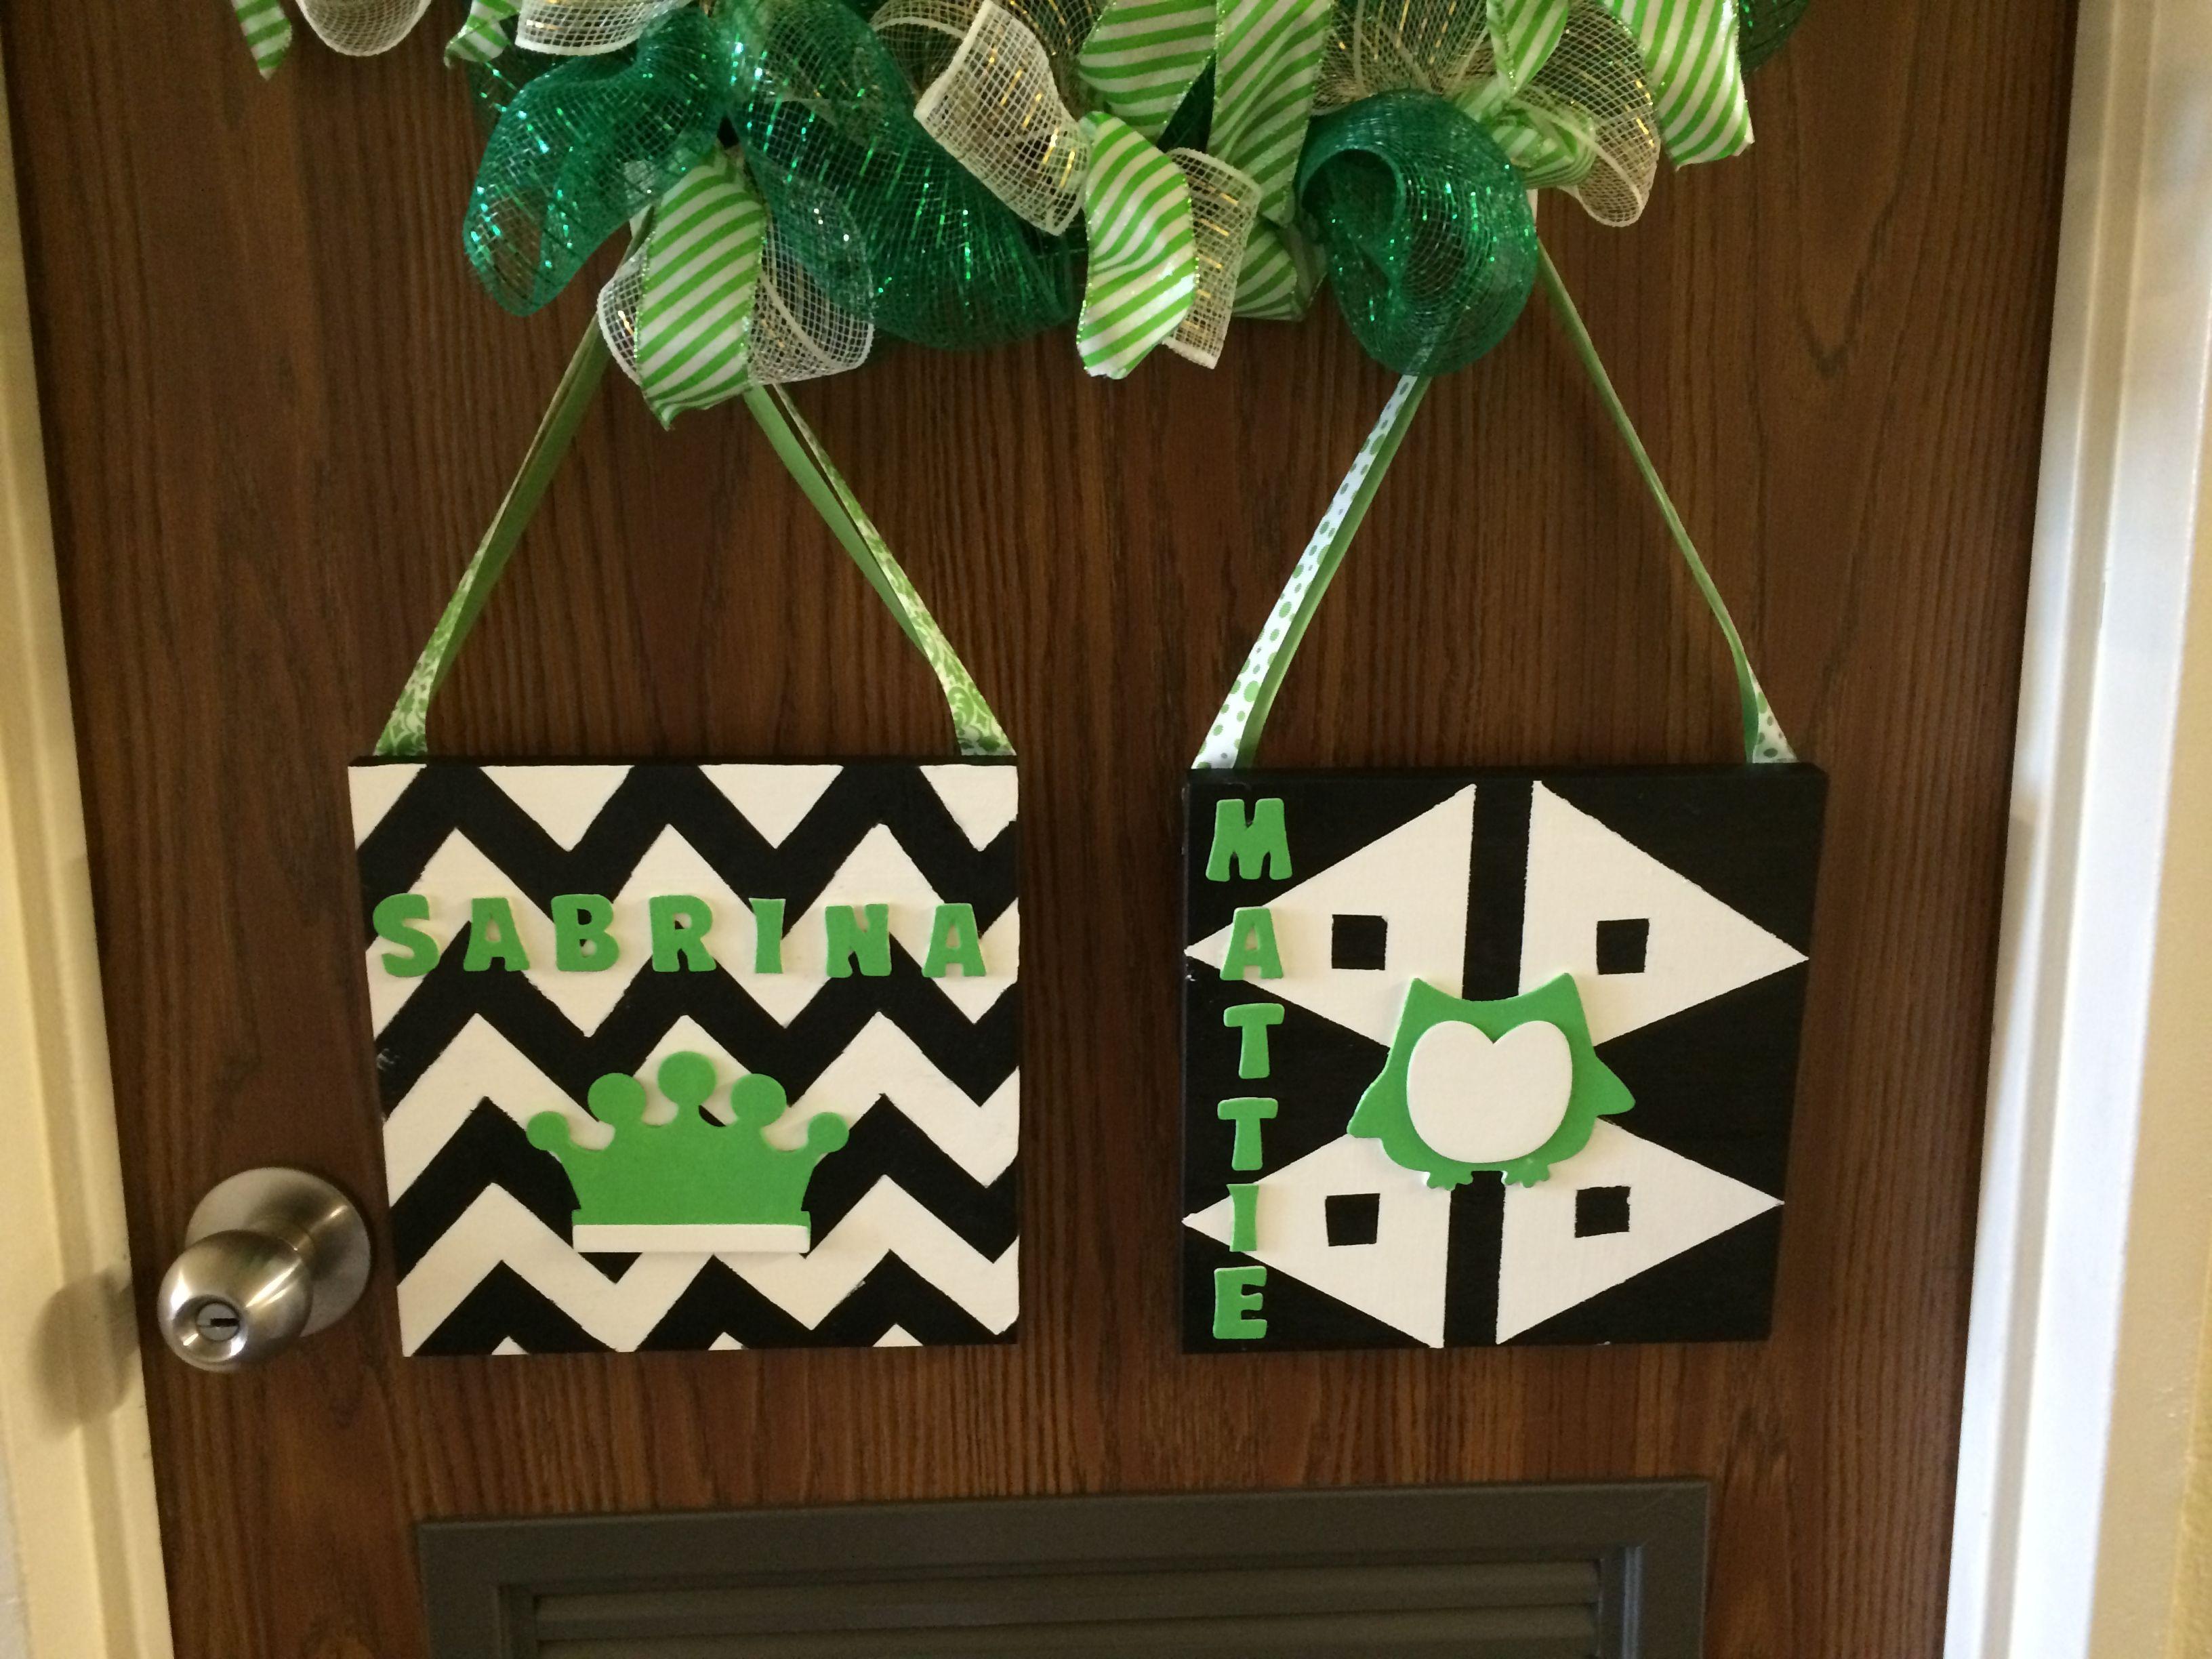 Christmas dorm door decorations - Dorm Door Decorations University Of North Texas Go Mean Green